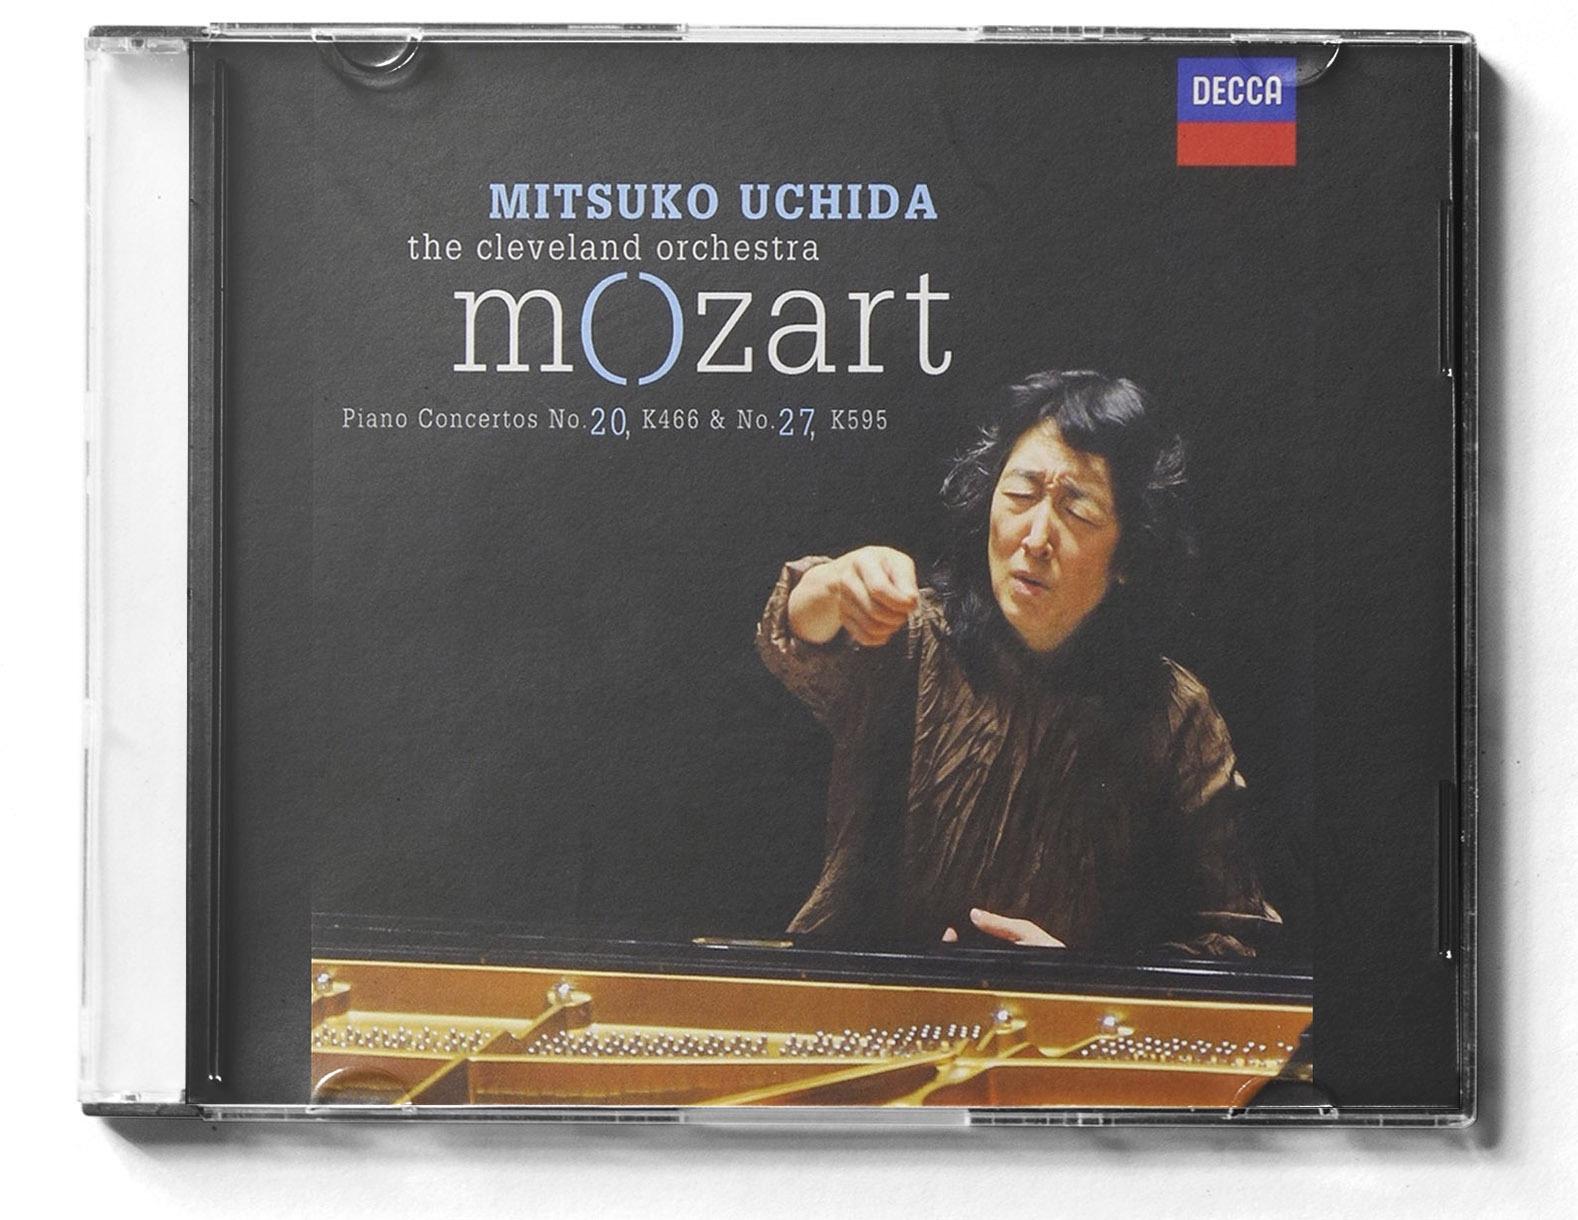 Mozart Piano Concertos No. 20 & 27